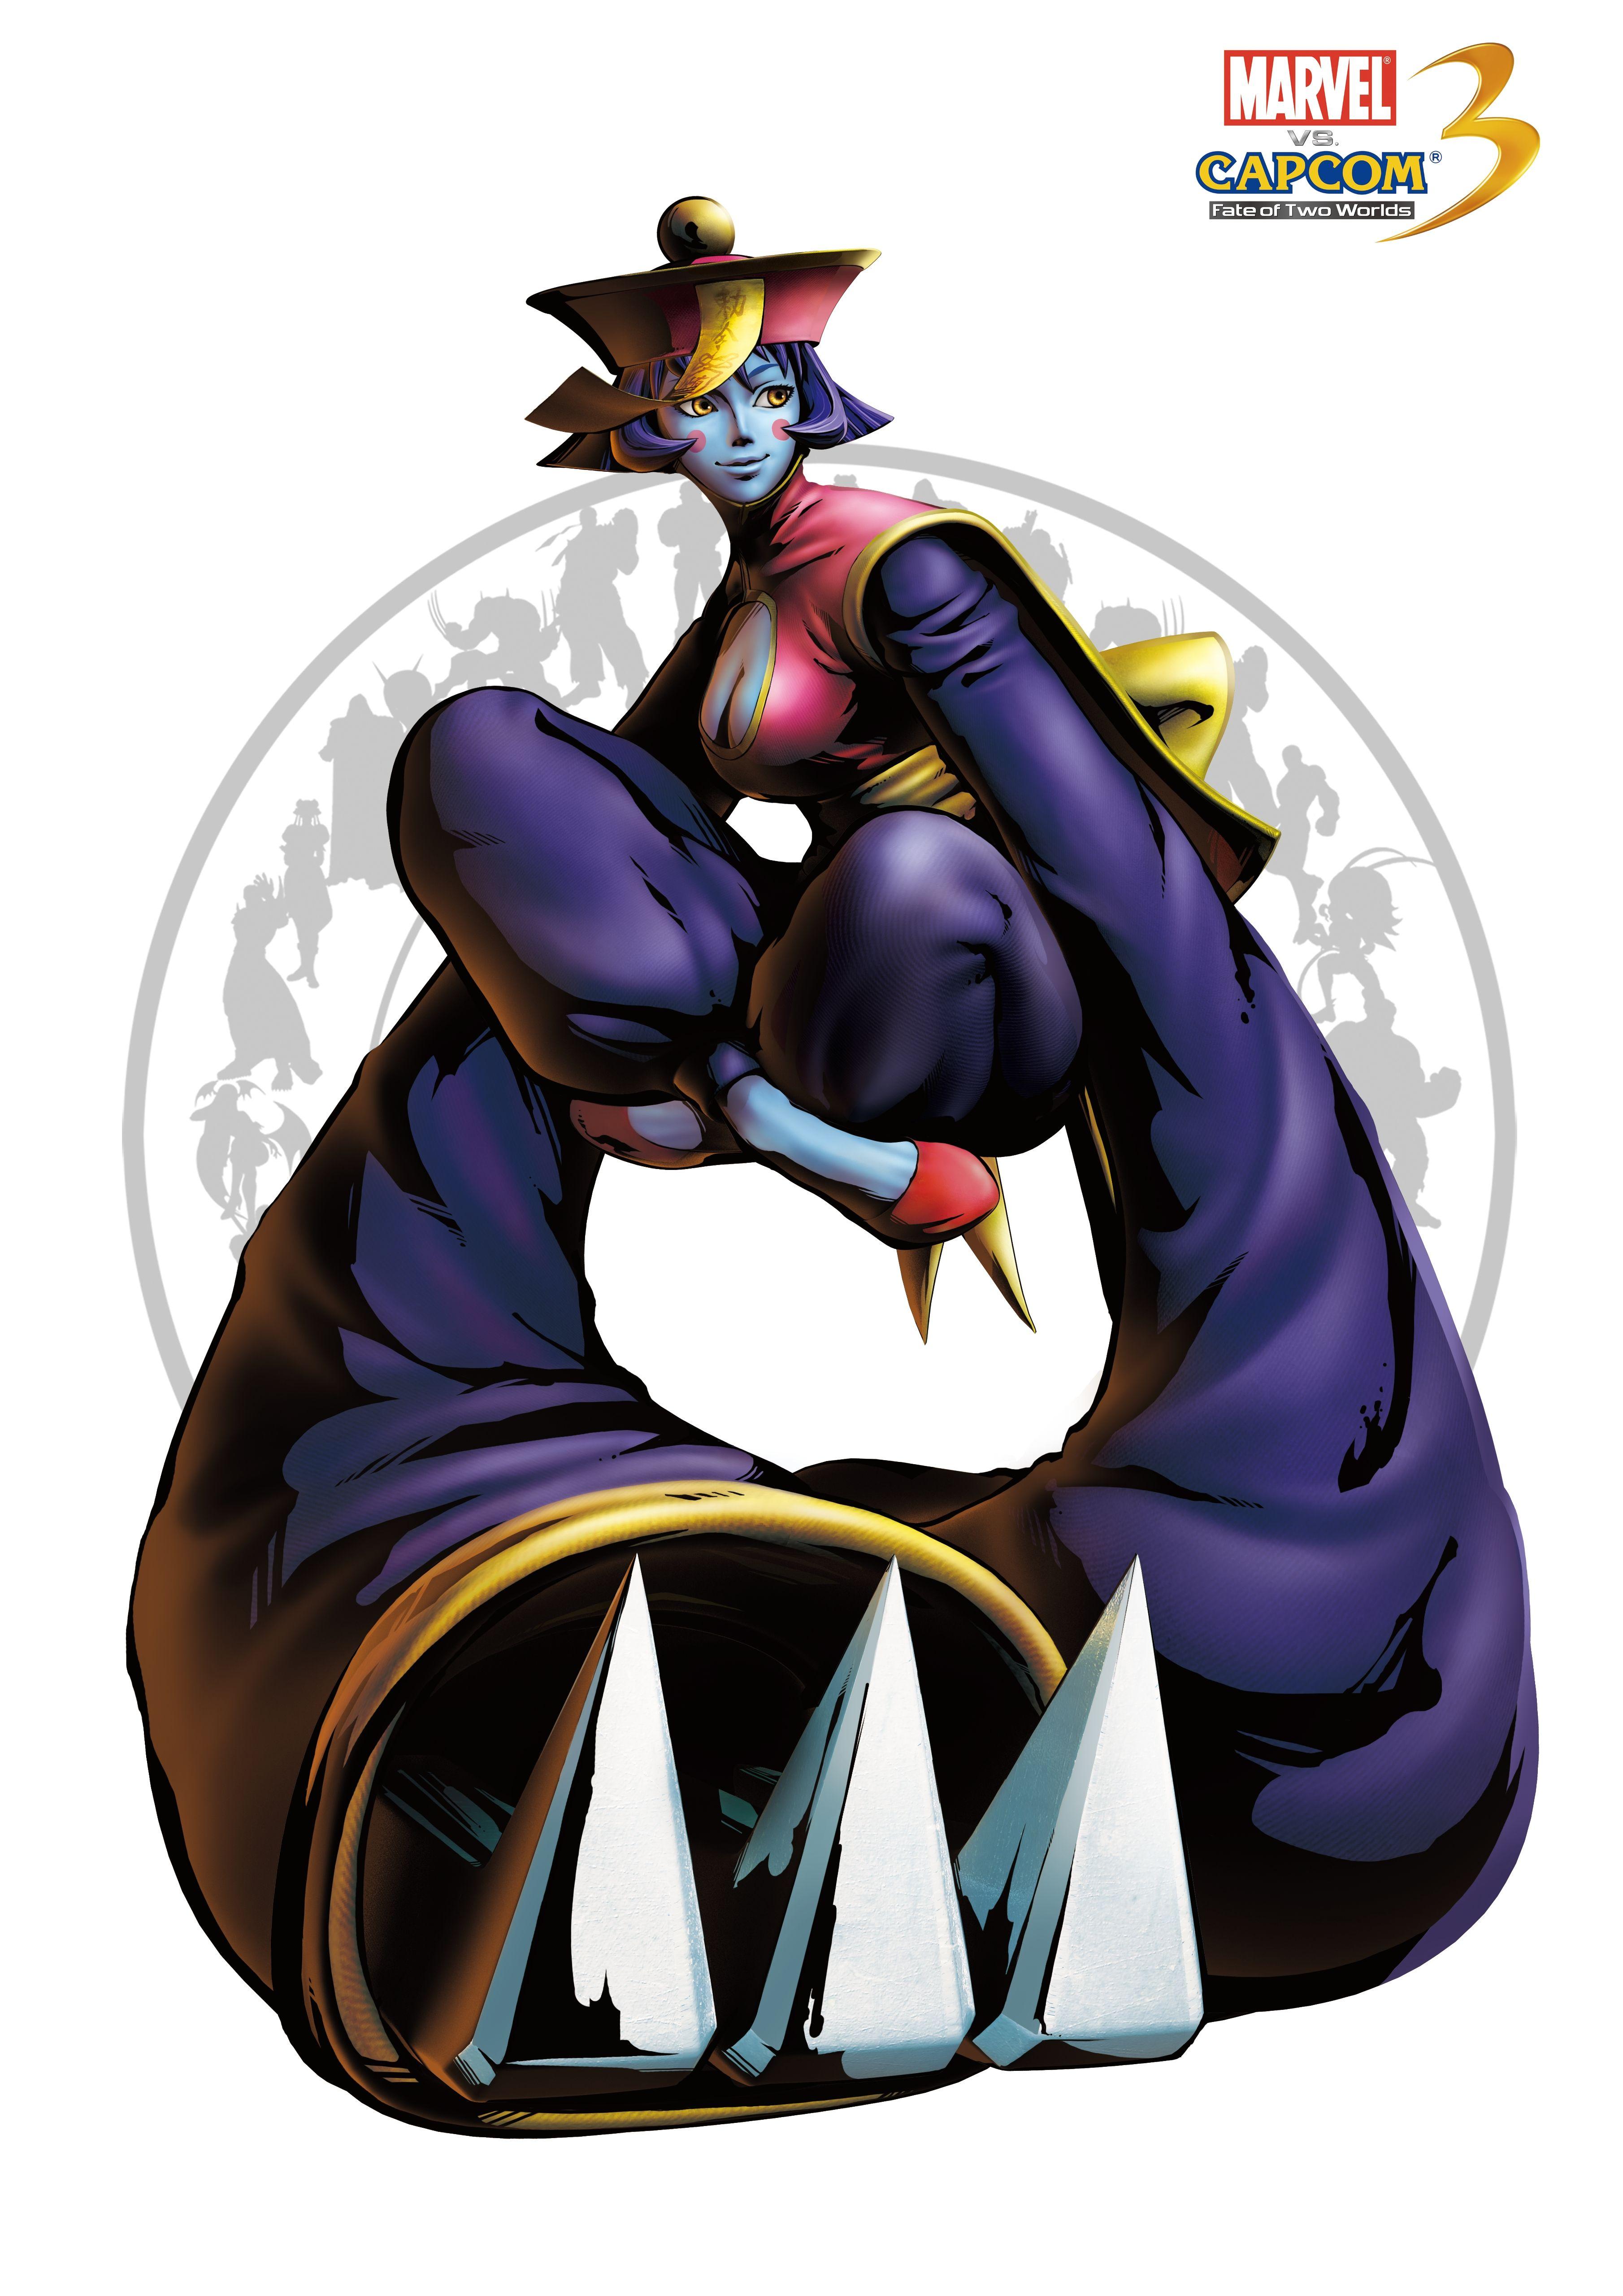 Хсиень-ко - Marvel vs. Capcom 3: Fate of Two Worlds Арт, Персонаж